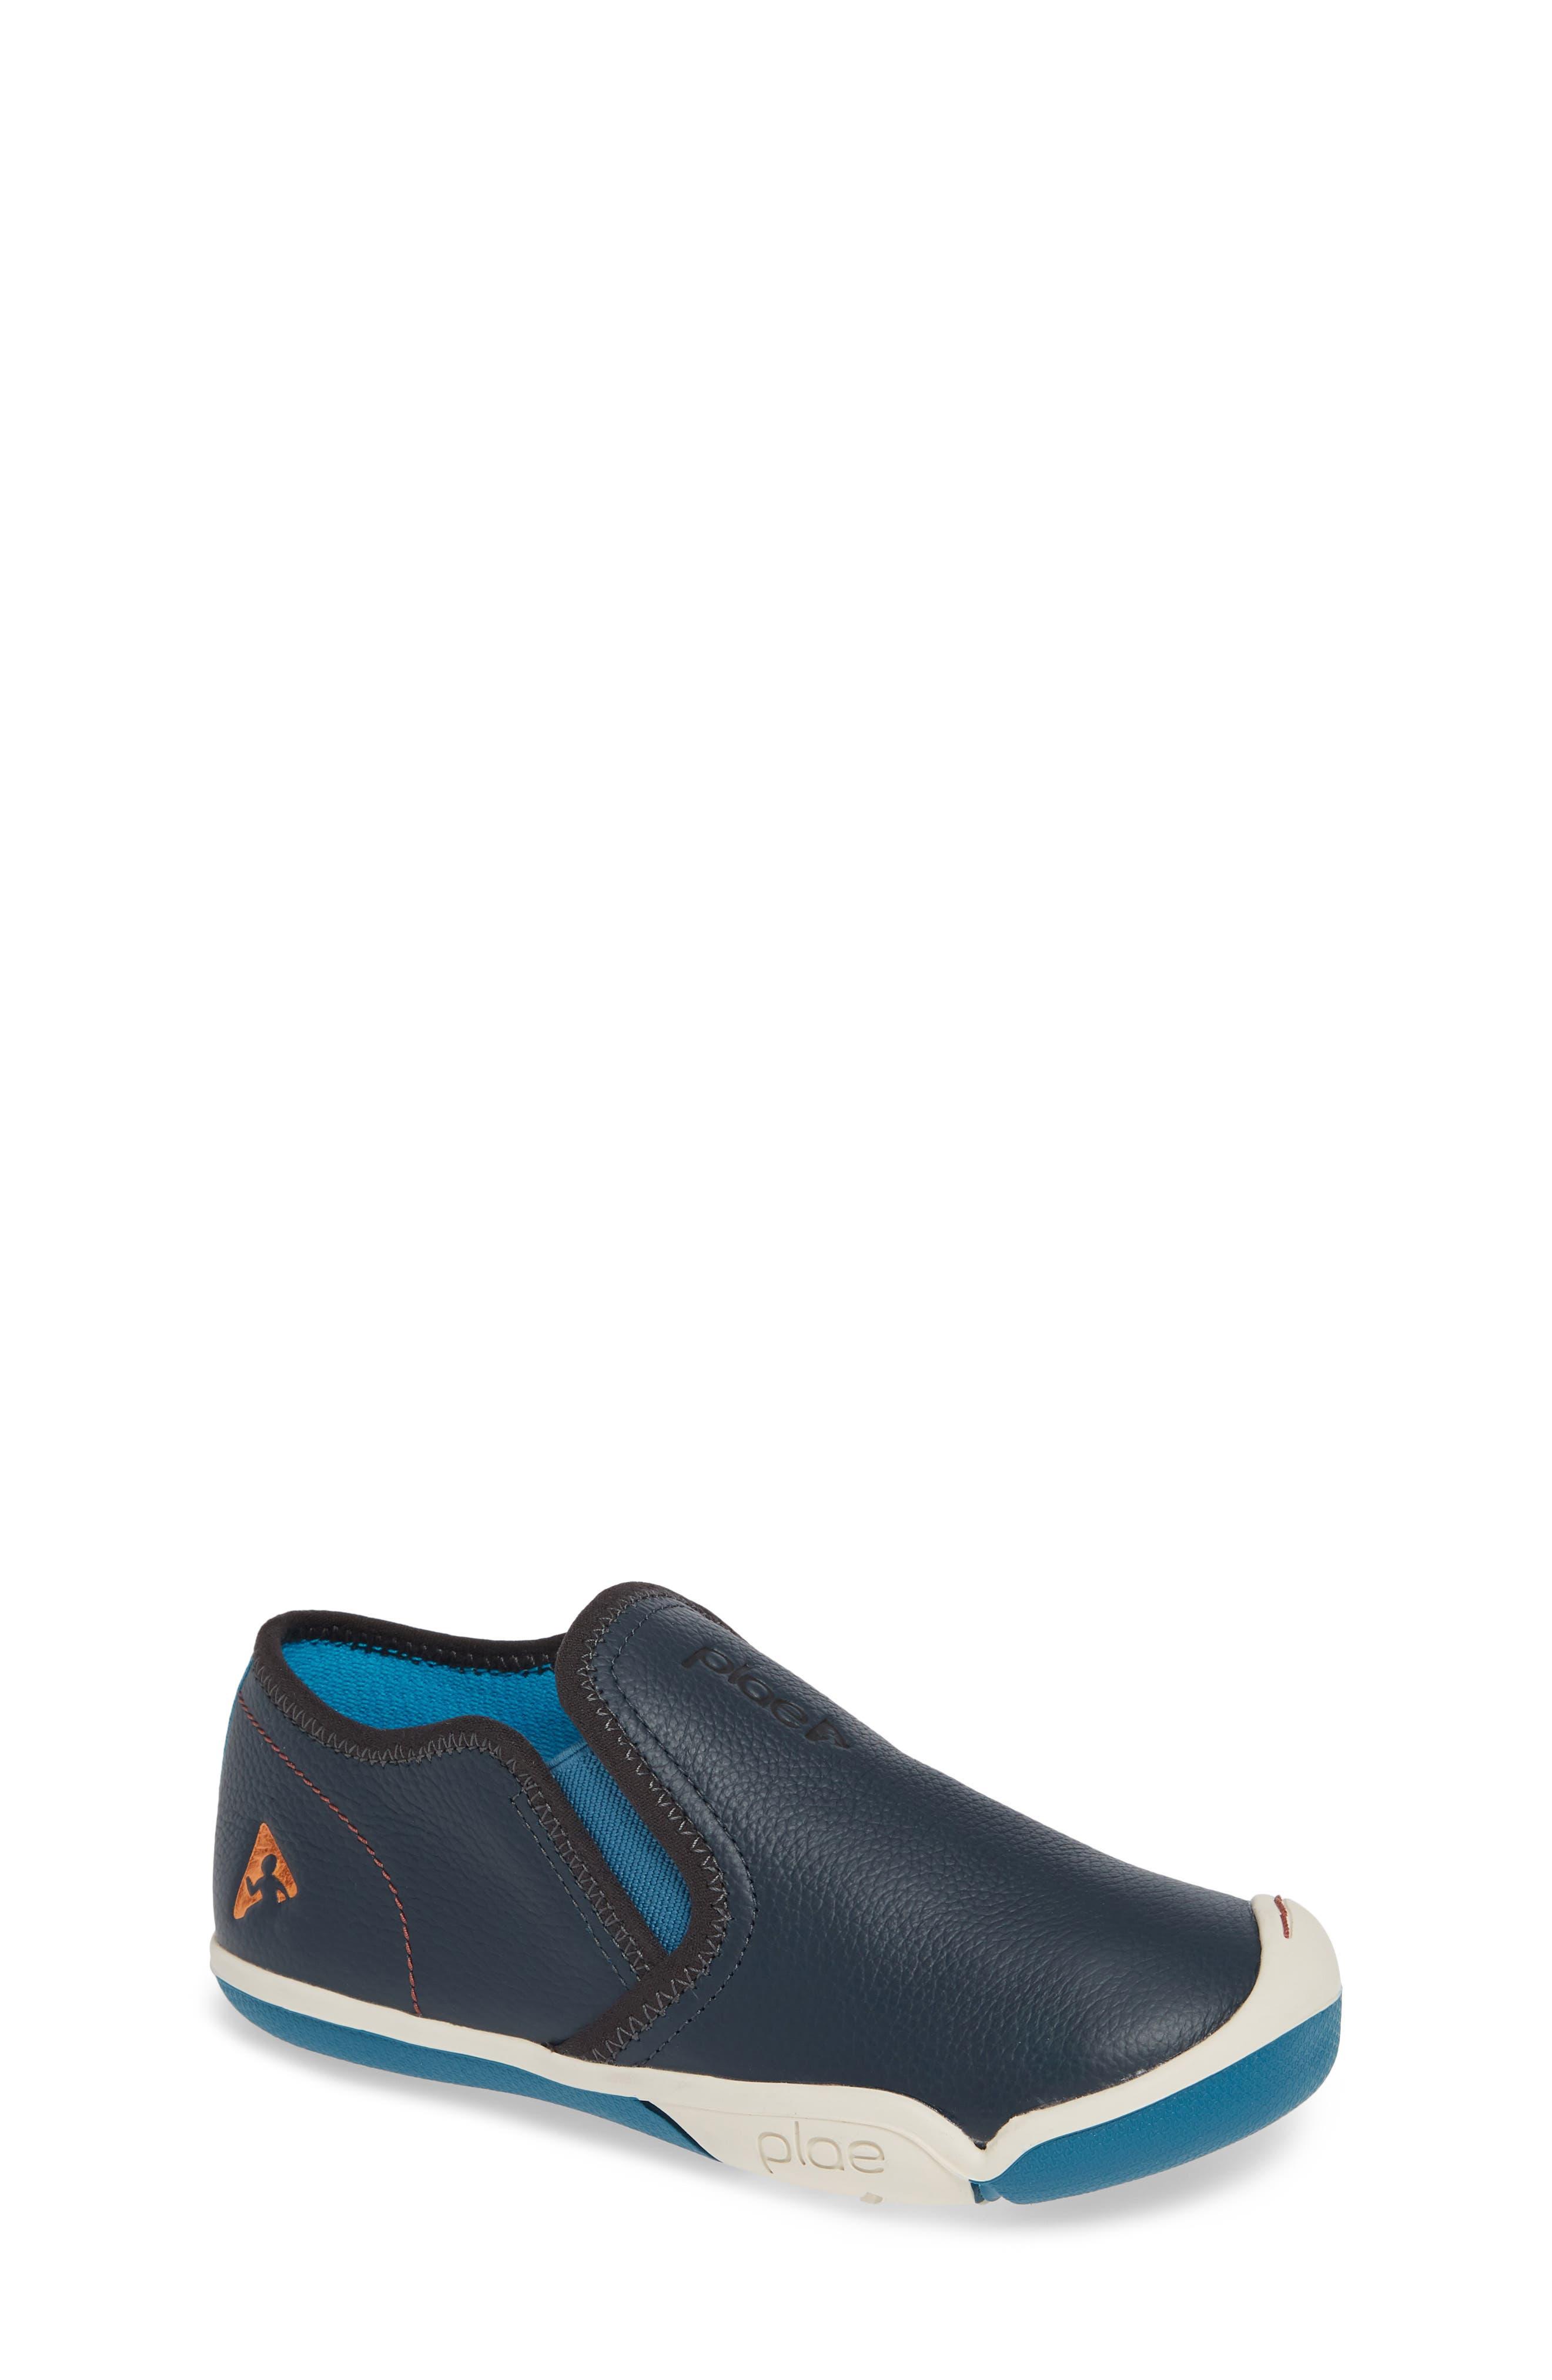 6c646b71536 Boys  PLAE Shoes